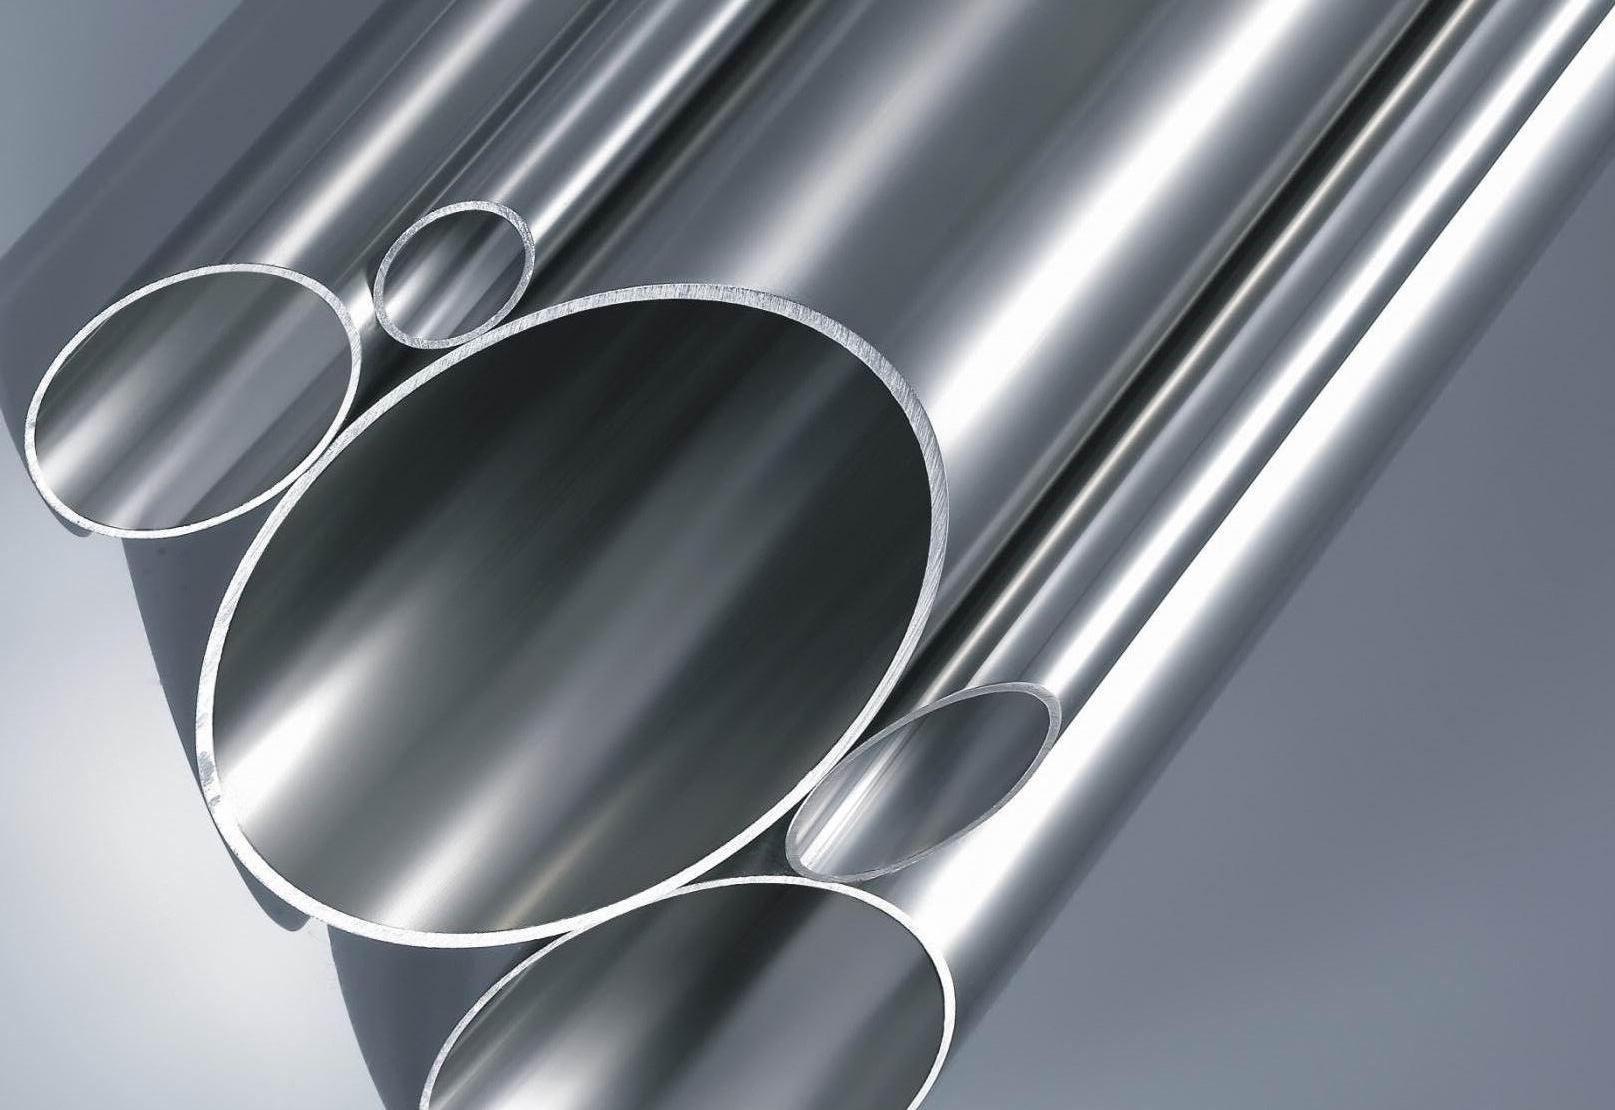 金属材料的化学成分检验方法都有哪些?